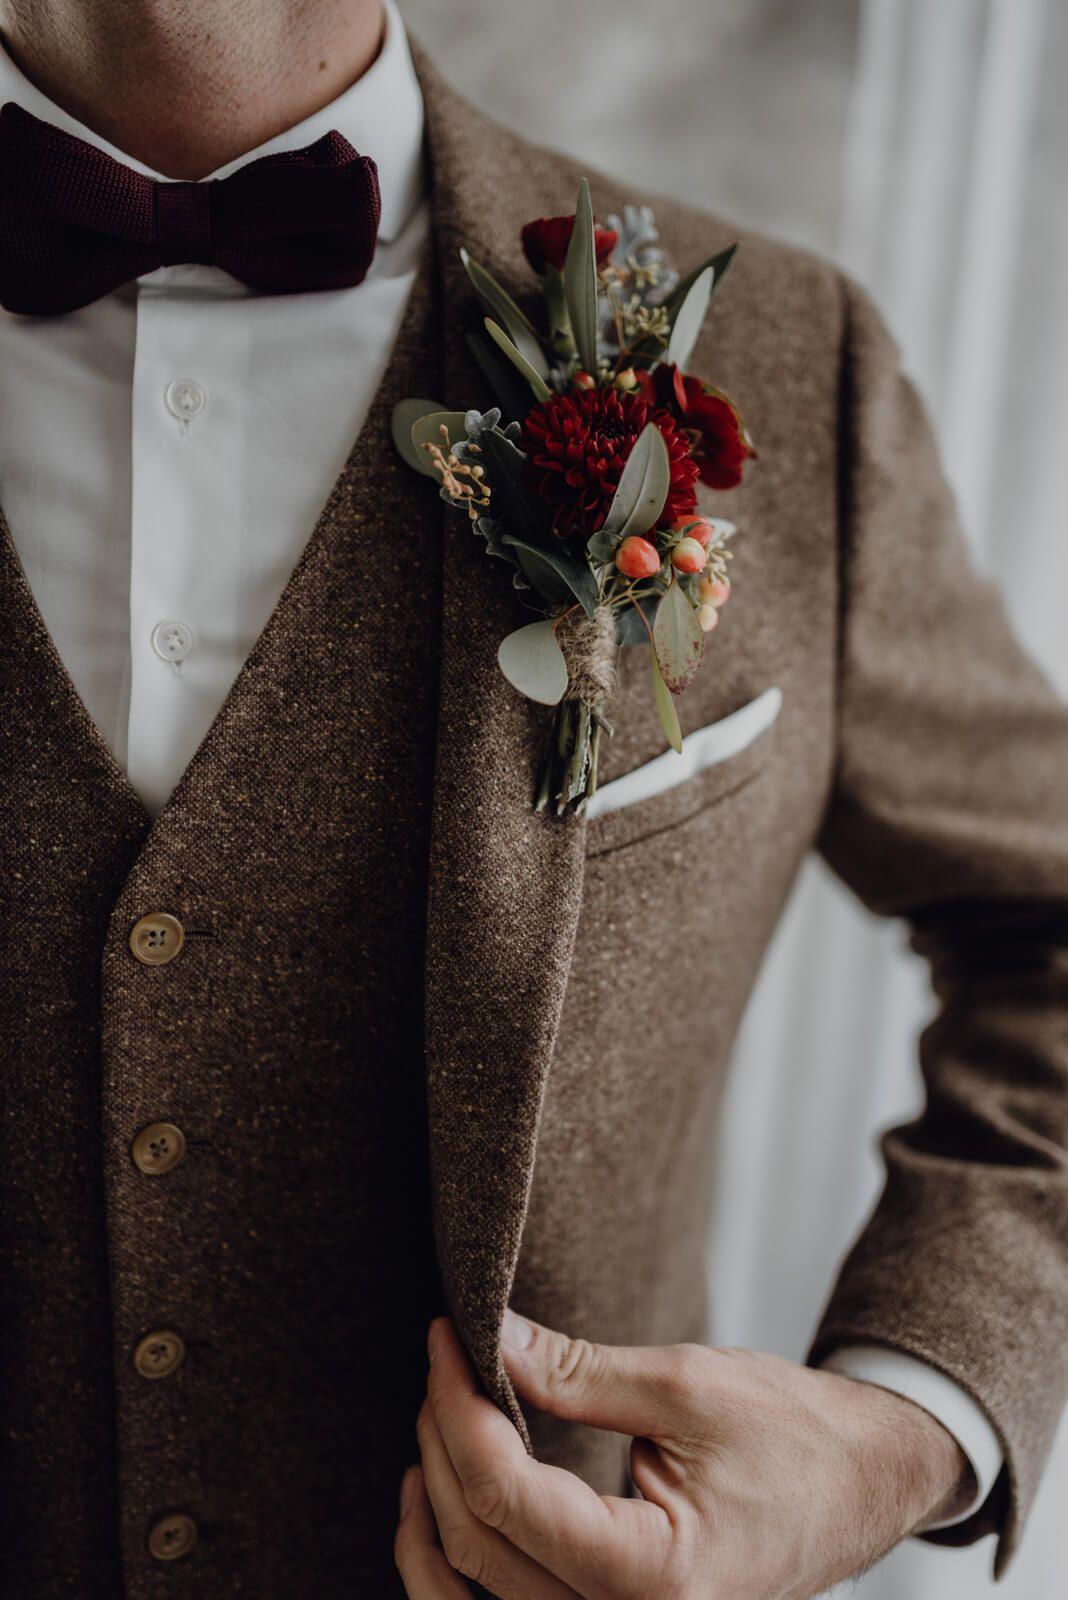 Traumhochzeit Vintage Hochzeitsanzug Aus Wolle Mit Tollem